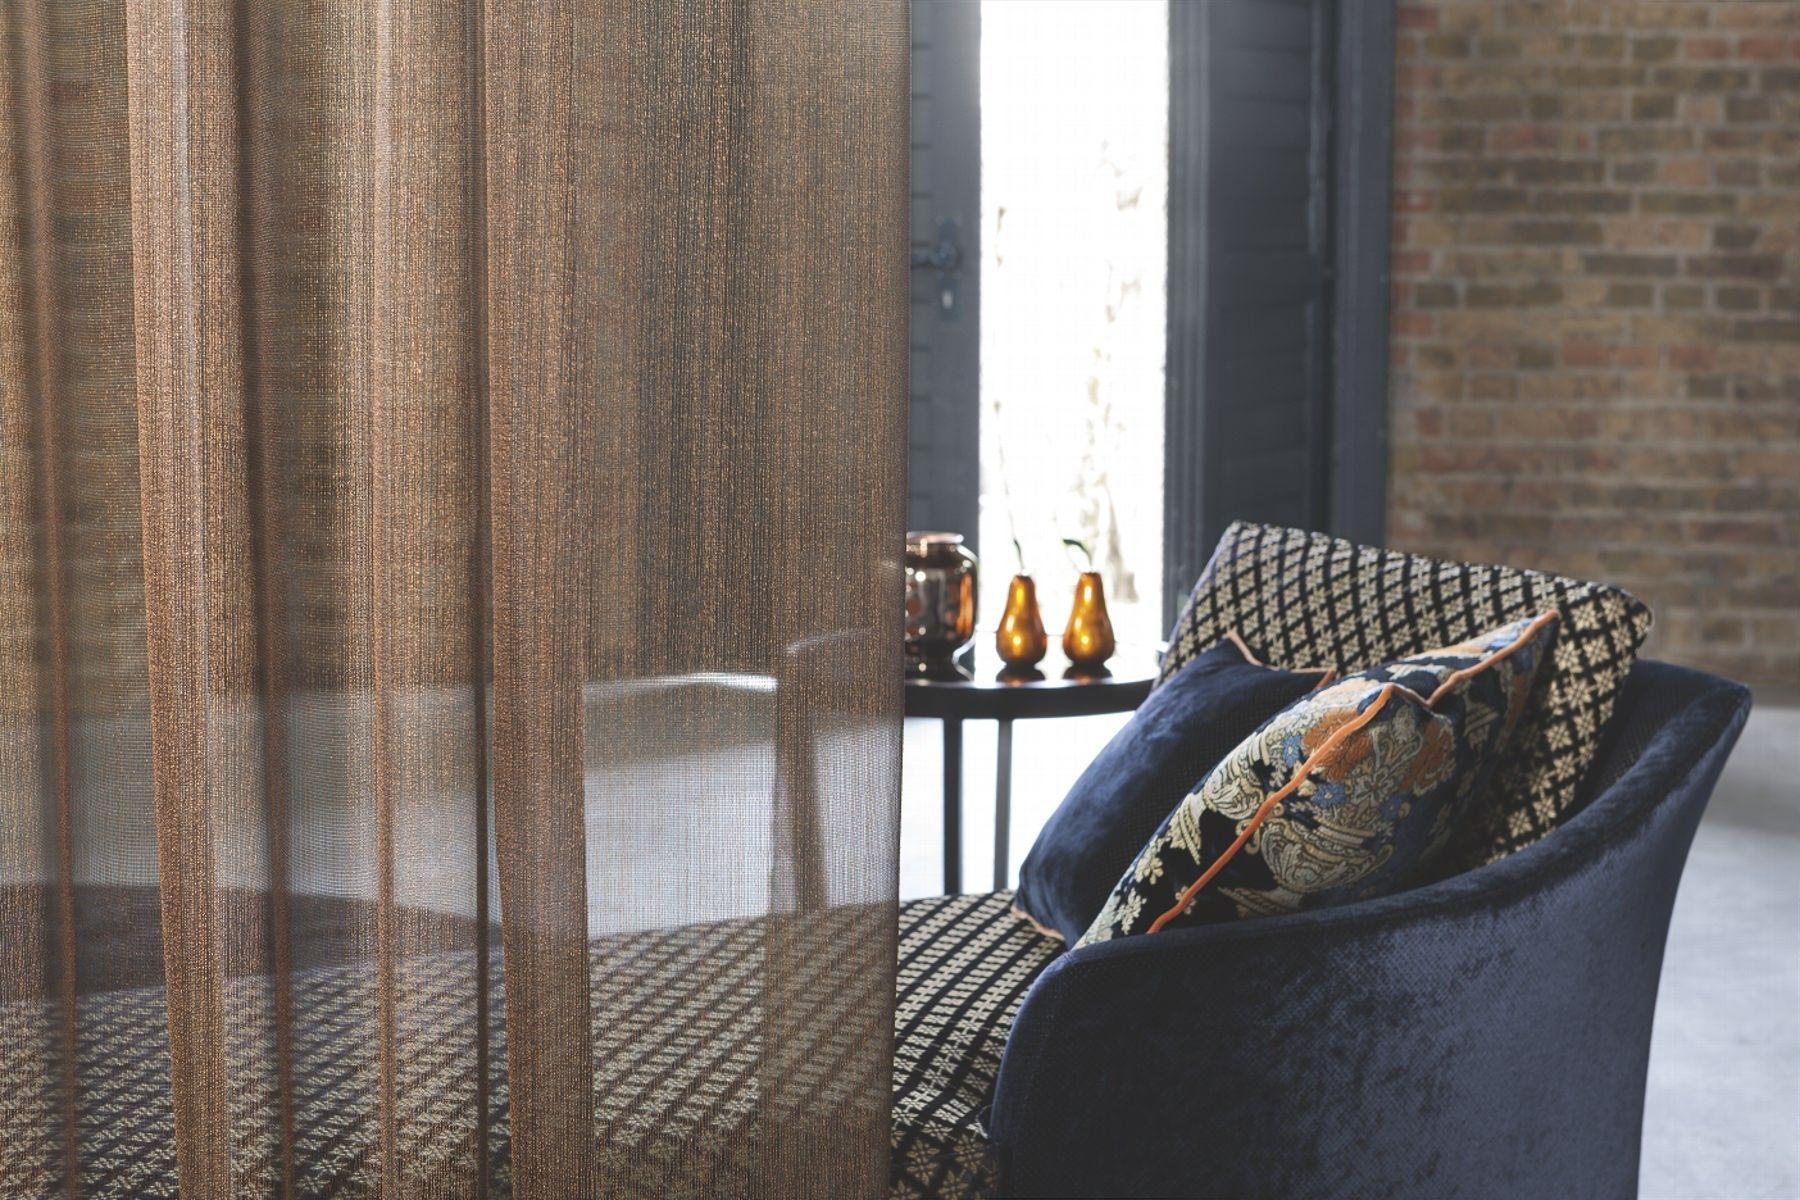 Furniture Repair & Upholstery